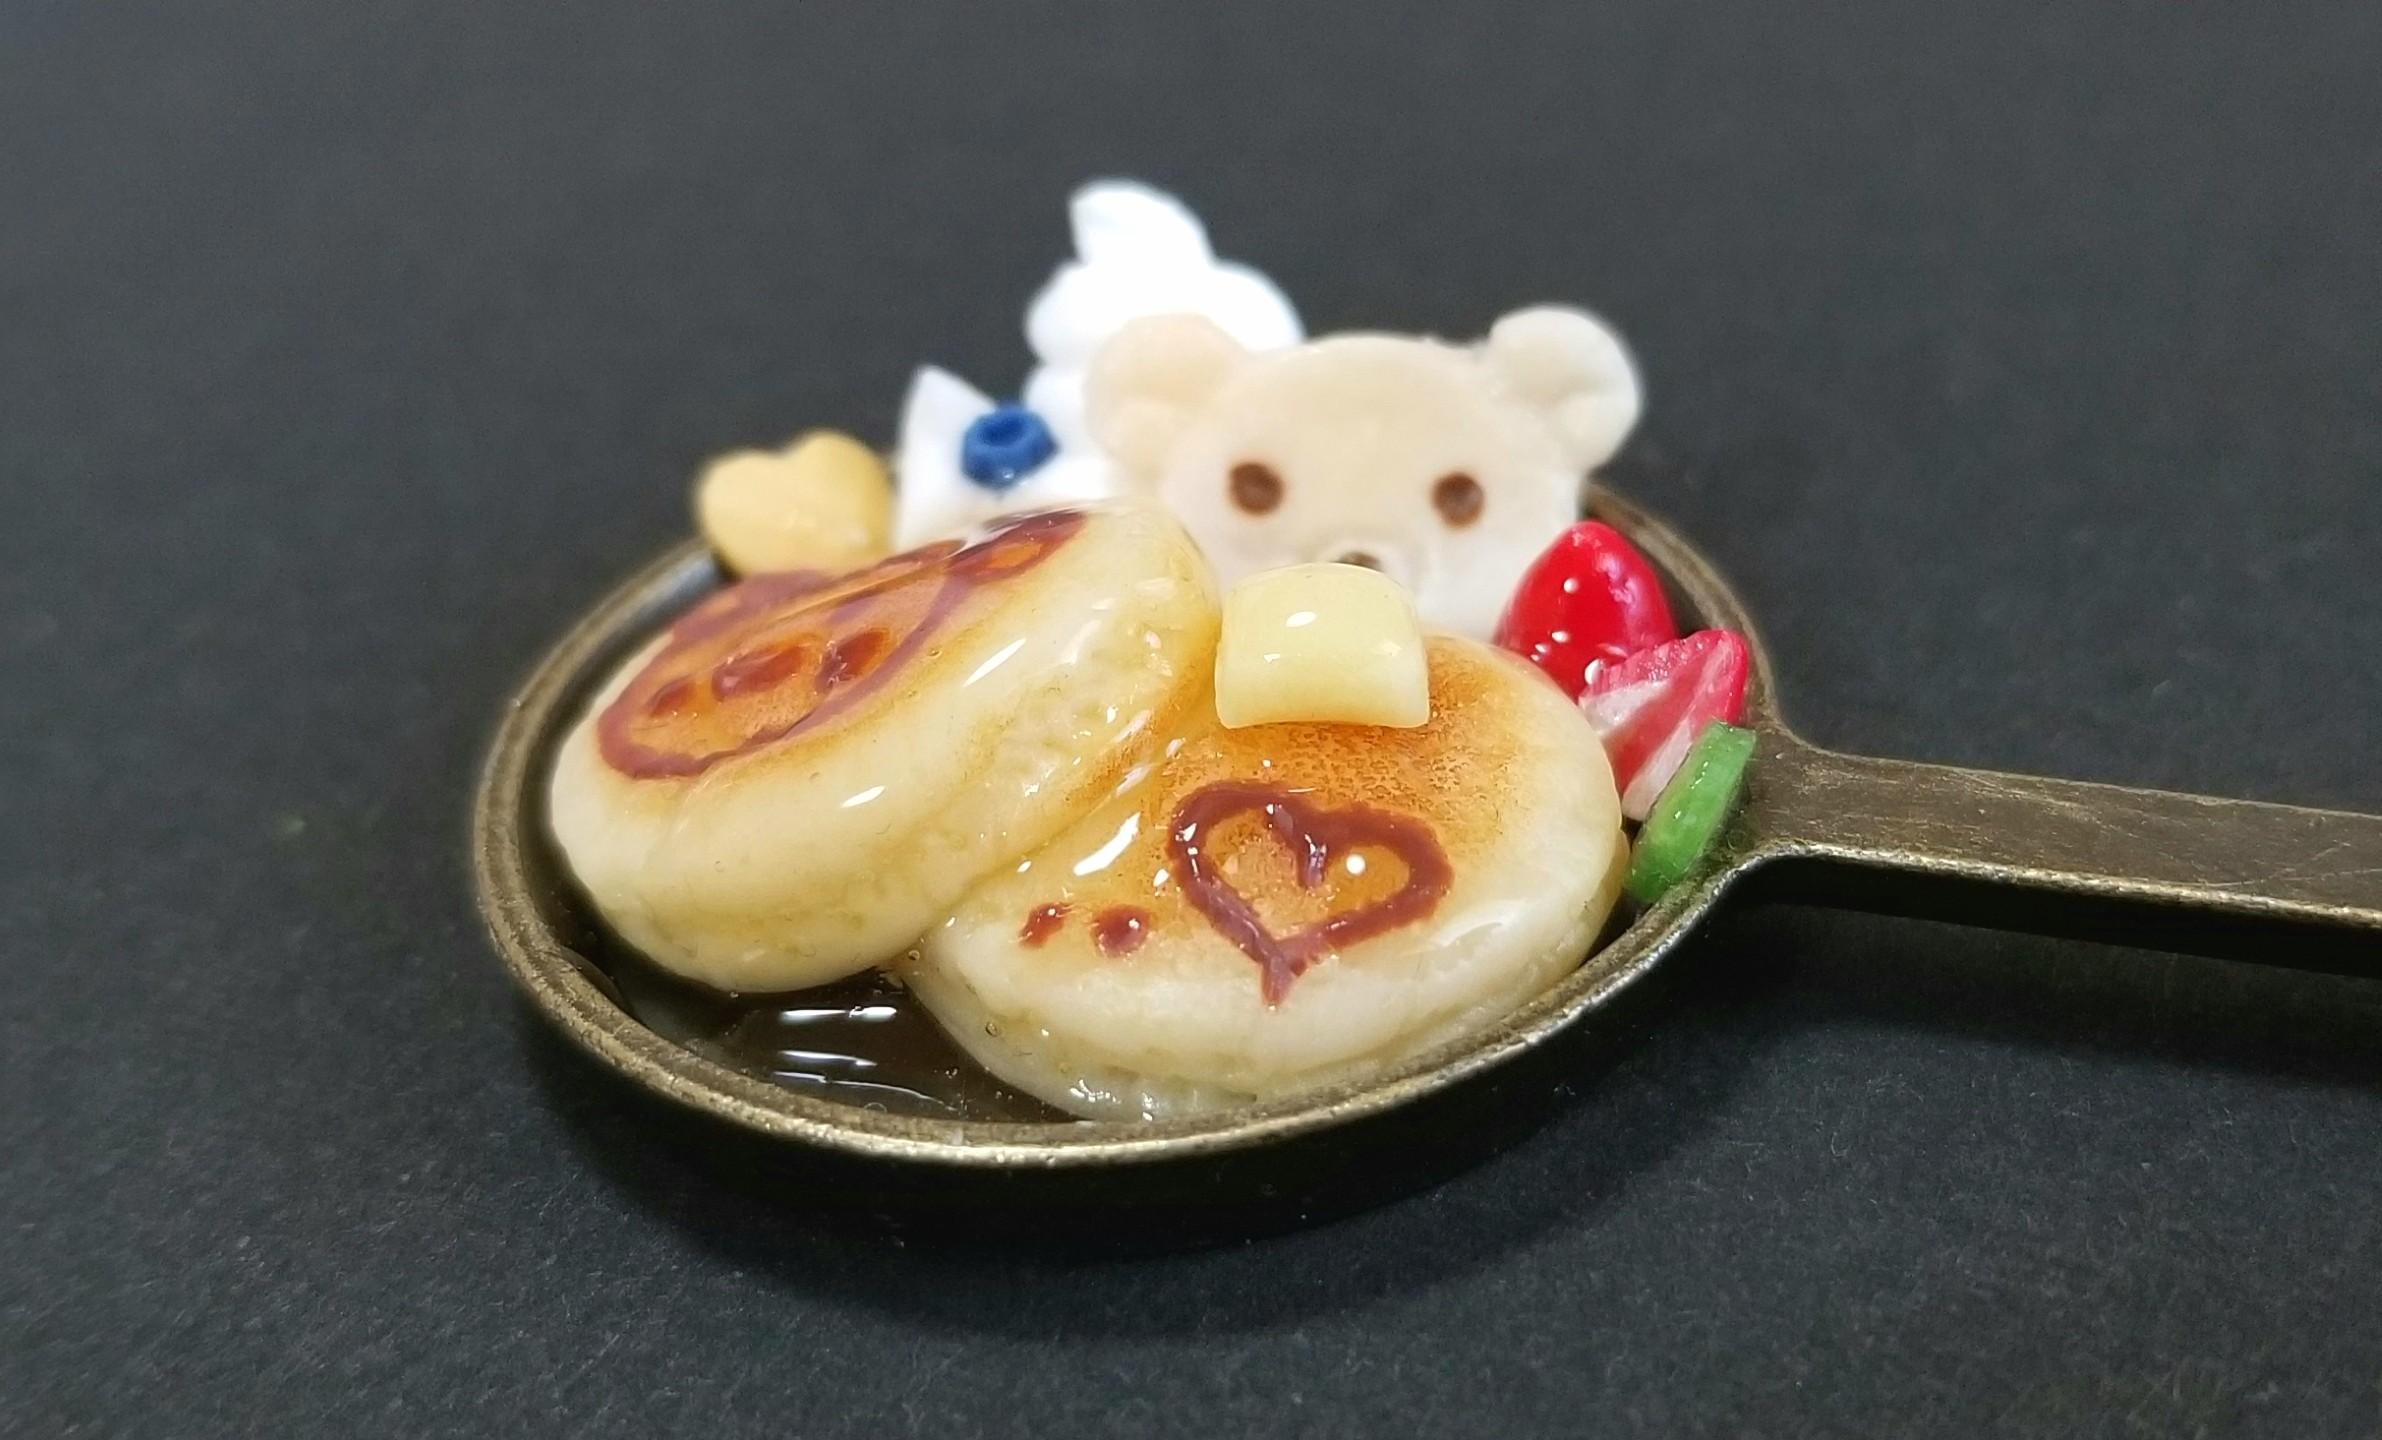 ミニチュアフード,クマちゃんホットケーキ,フェイクフード,樹脂粘土